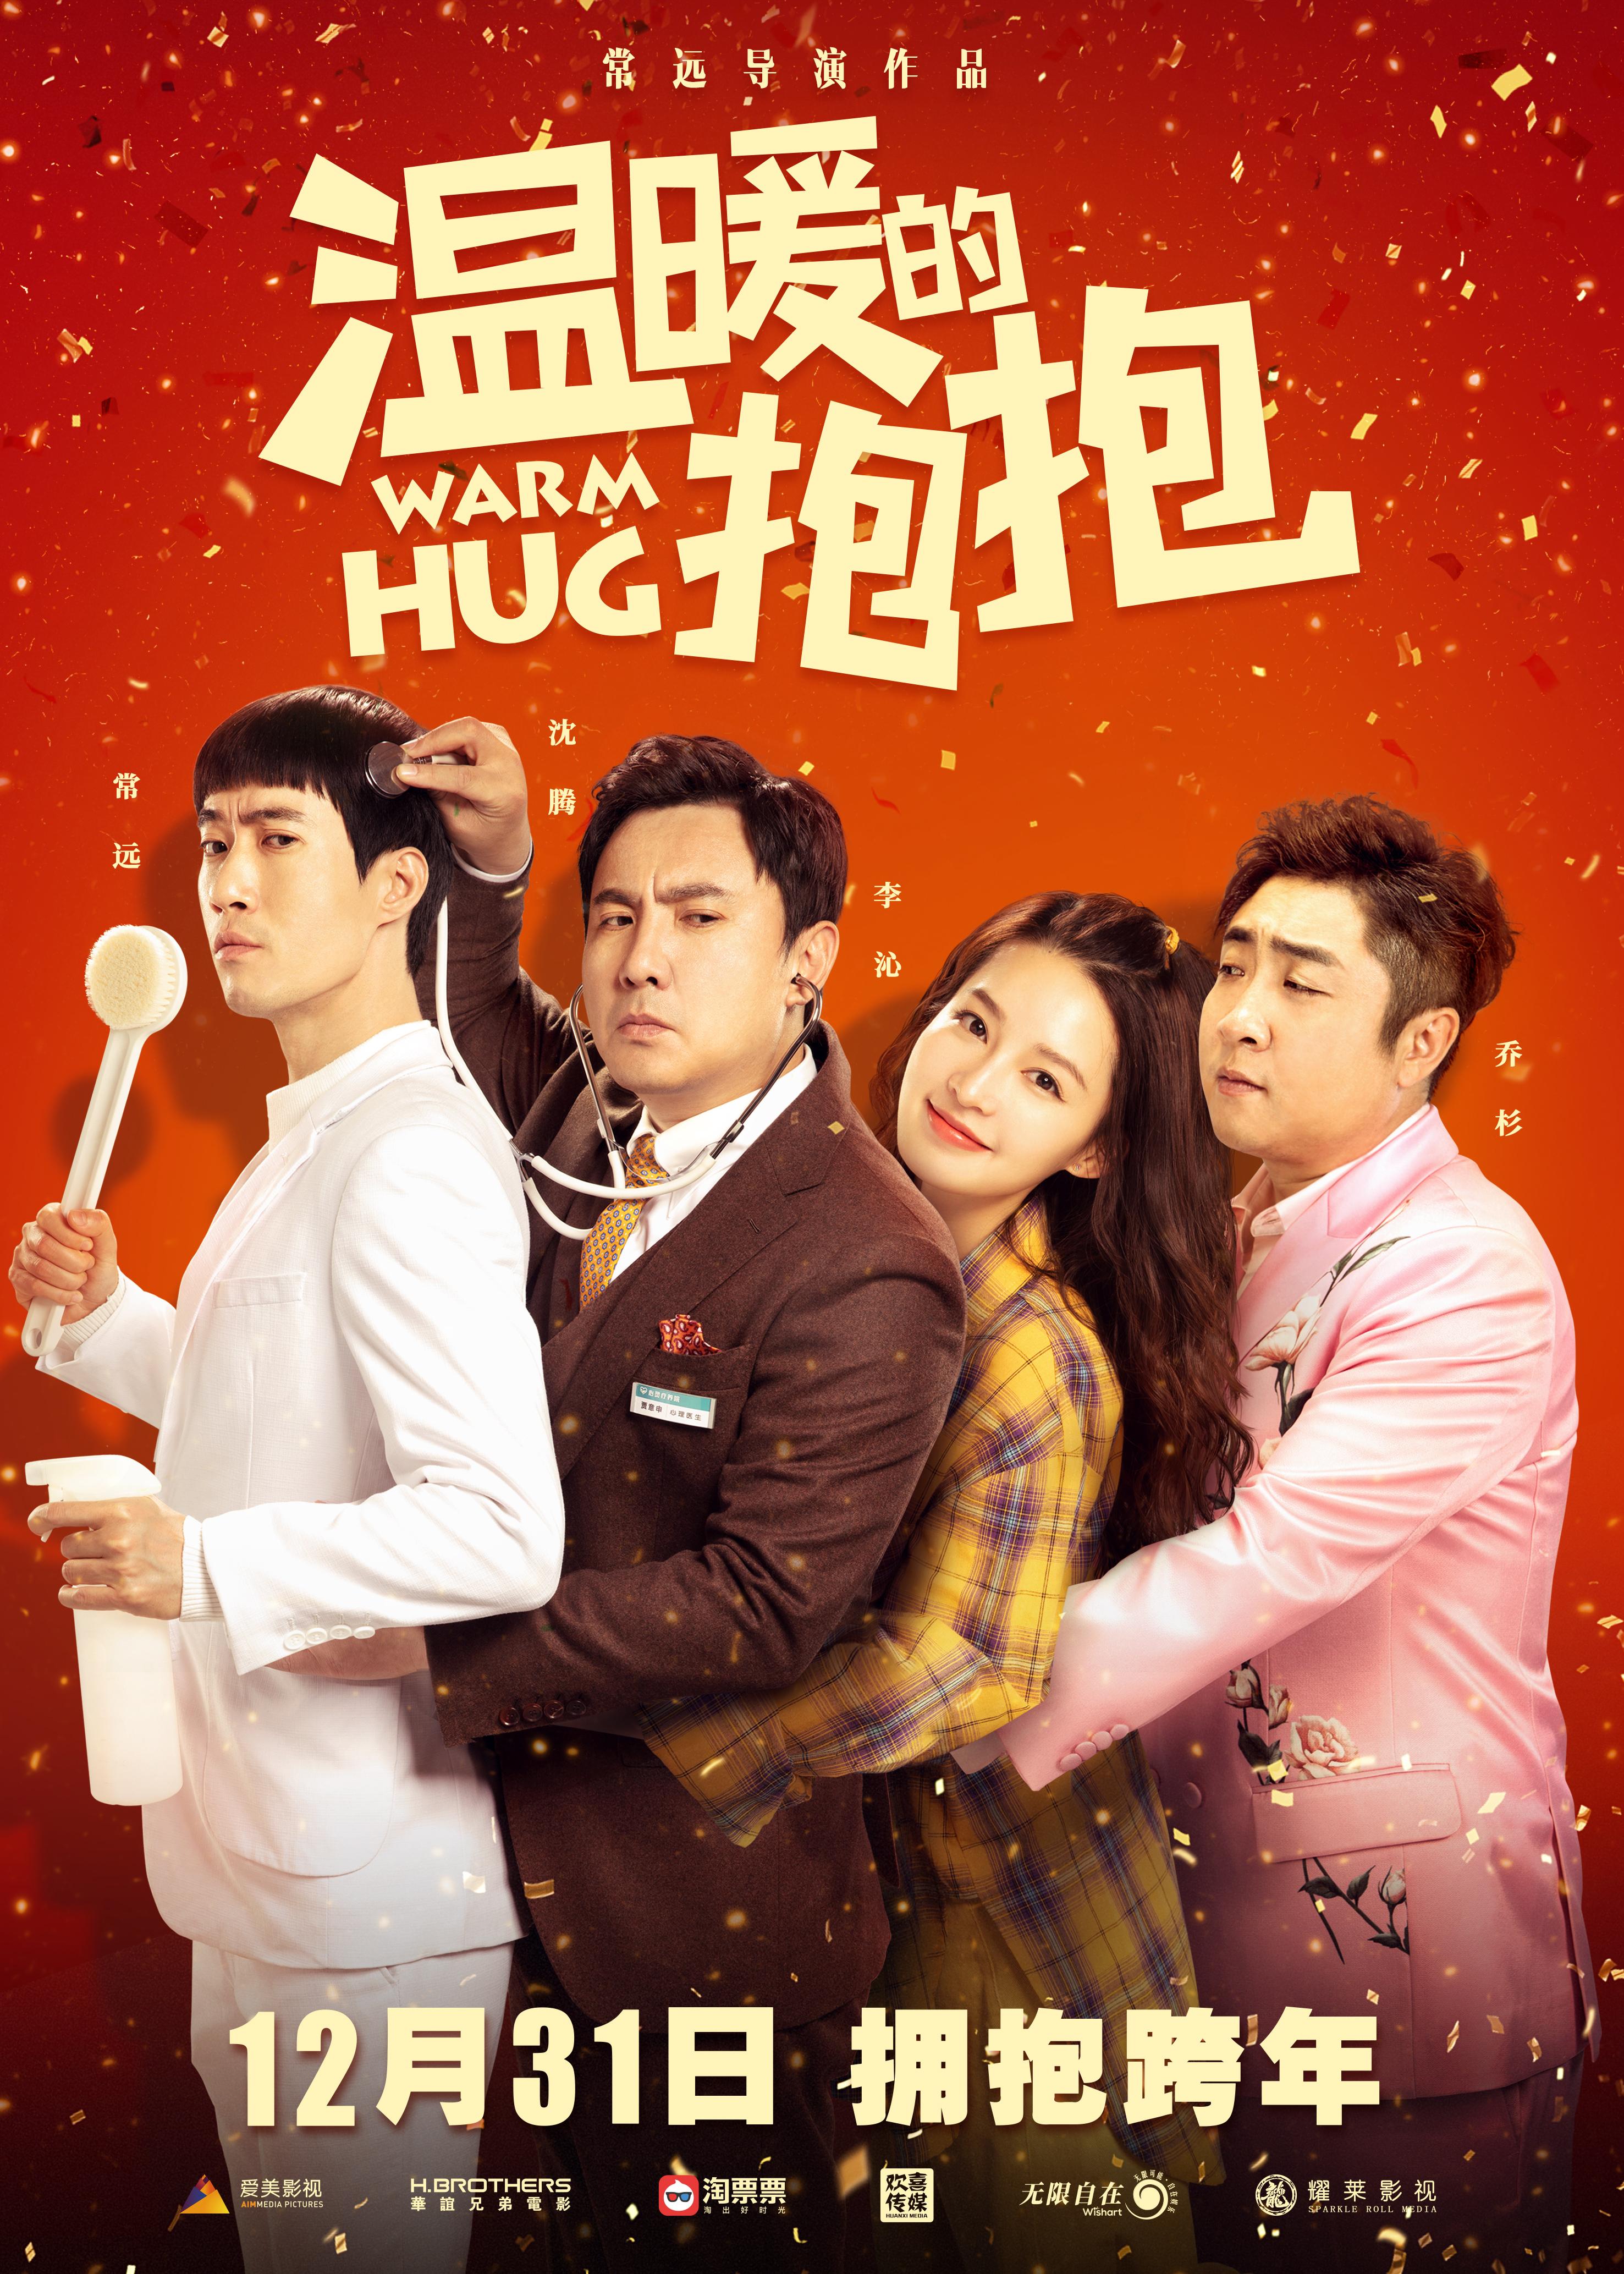 瑞云渲染的喜剧电影《温暖的抱抱》